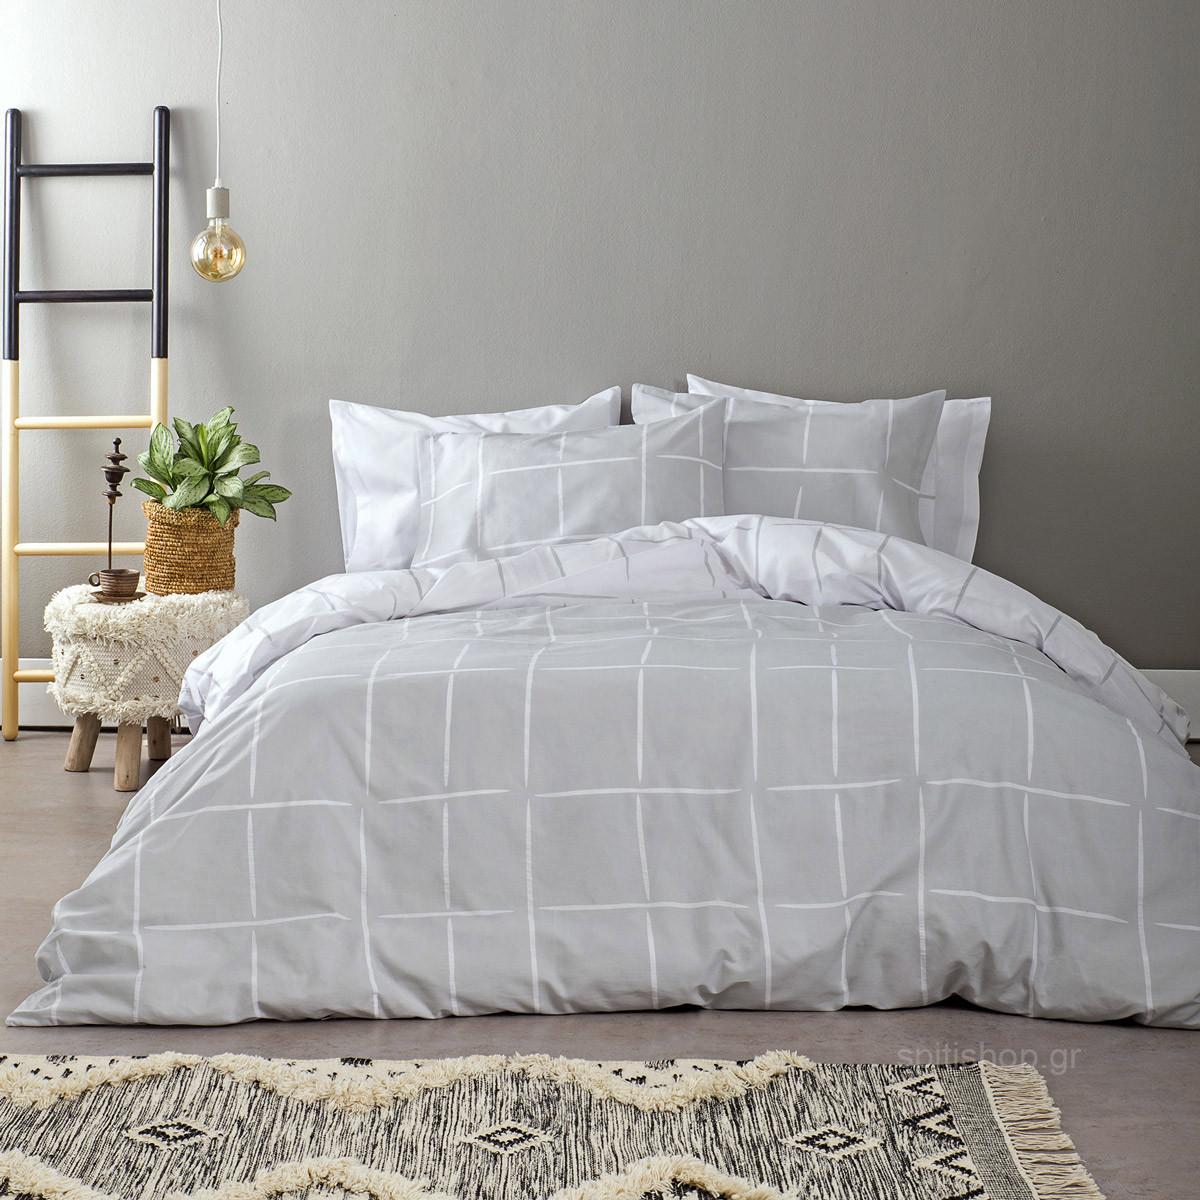 Σεντόνια Μονά (Σετ) Nima Bed Linen Infinity Grey ΧΩΡΙΣ ΛΑΣΤΙΧΟ 170x260 ΧΩΡΙΣ ΛΑΣ home   κρεβατοκάμαρα   σεντόνια   σεντόνια μονά